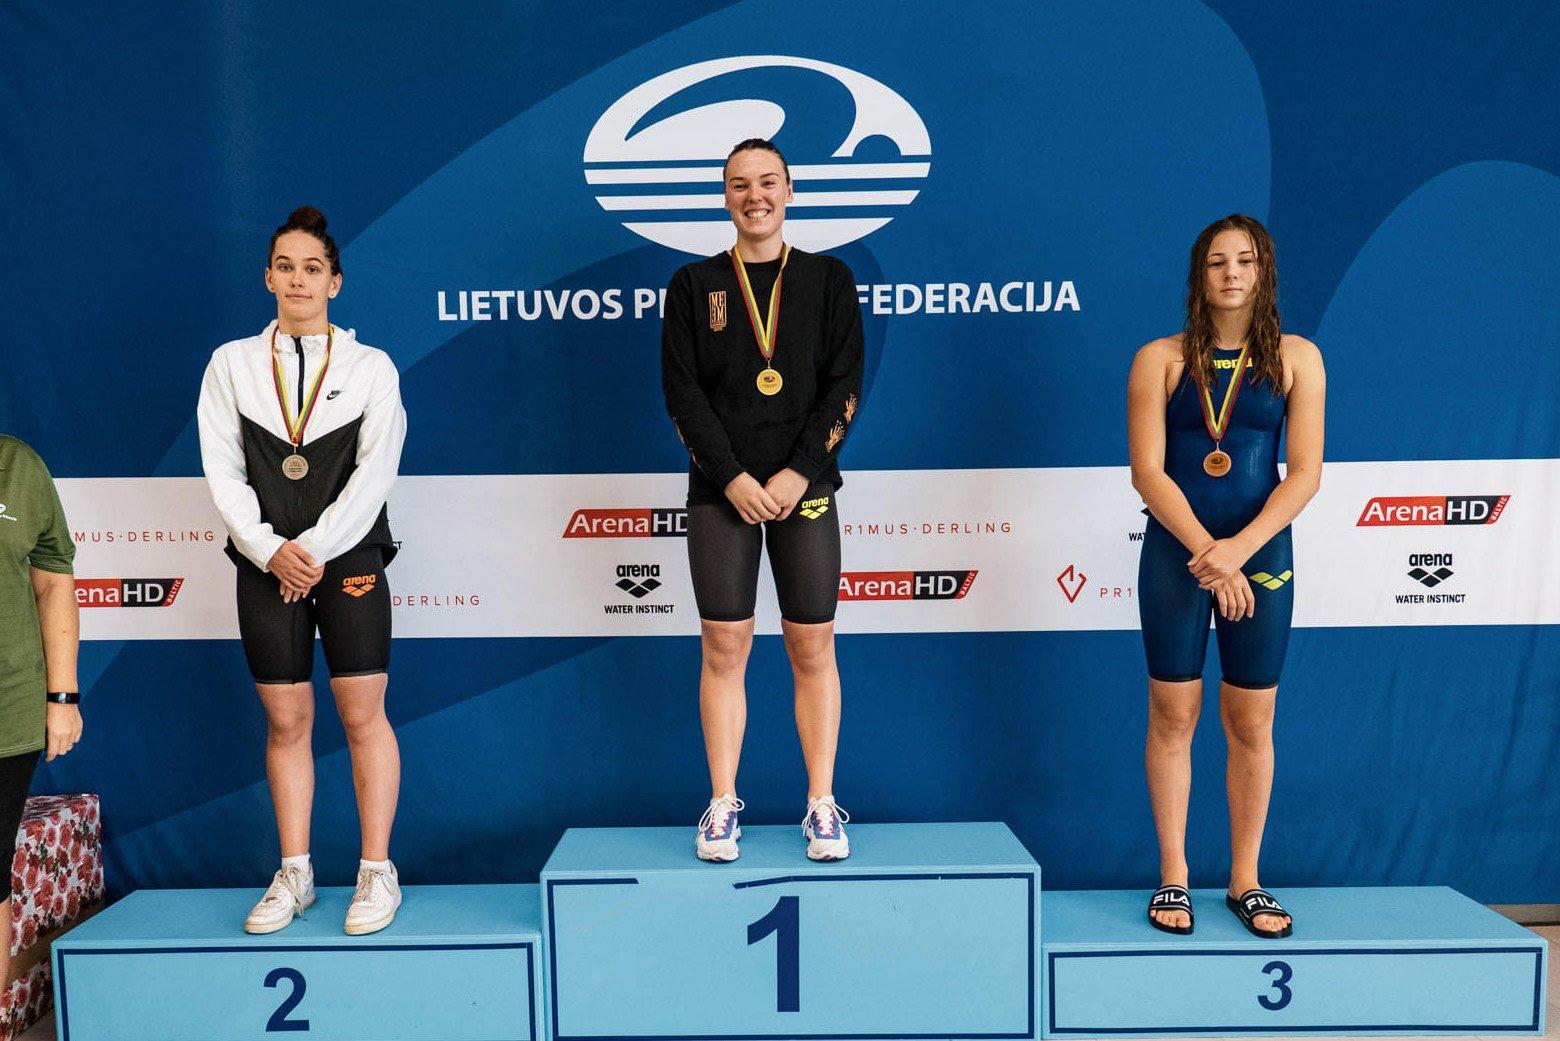 Plaukikė U. Mažutaitytė tapo čempione Vilniuje